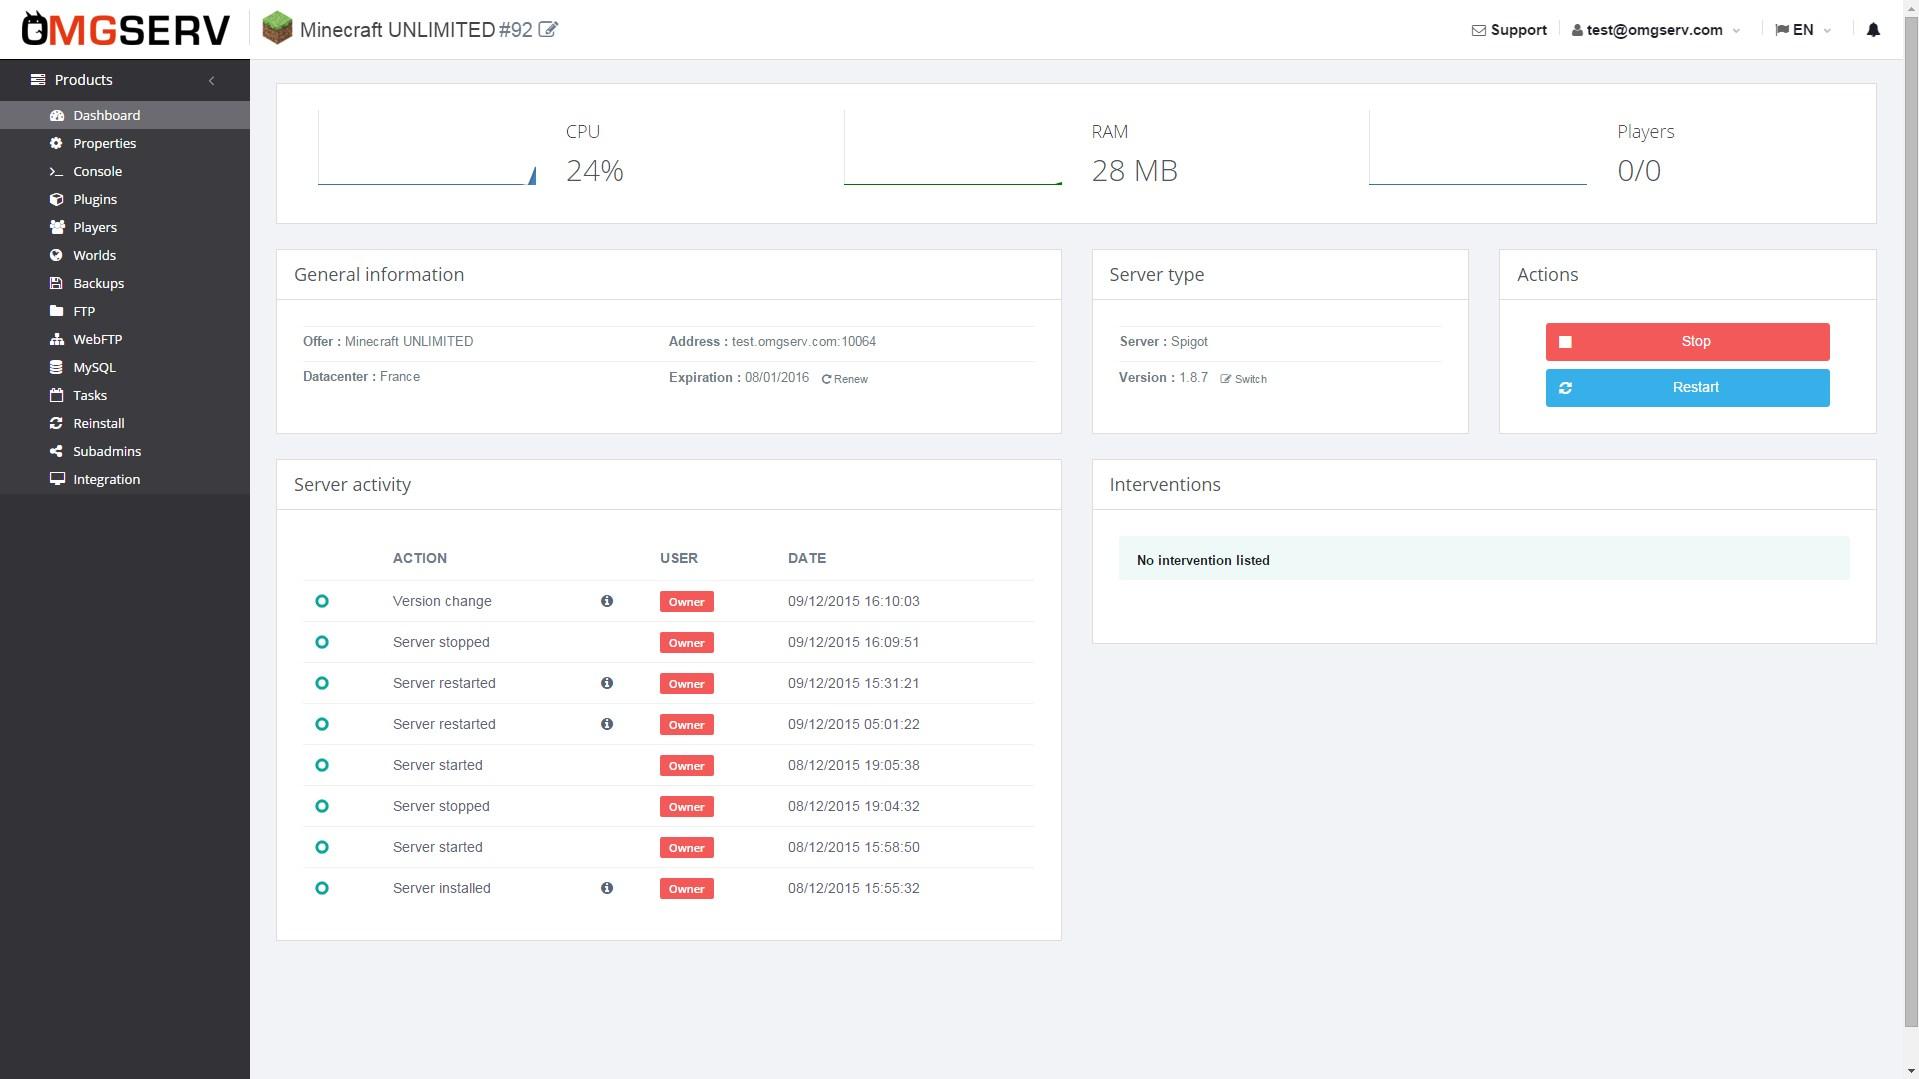 Free Minecraft Server Hosting - OMGSERV